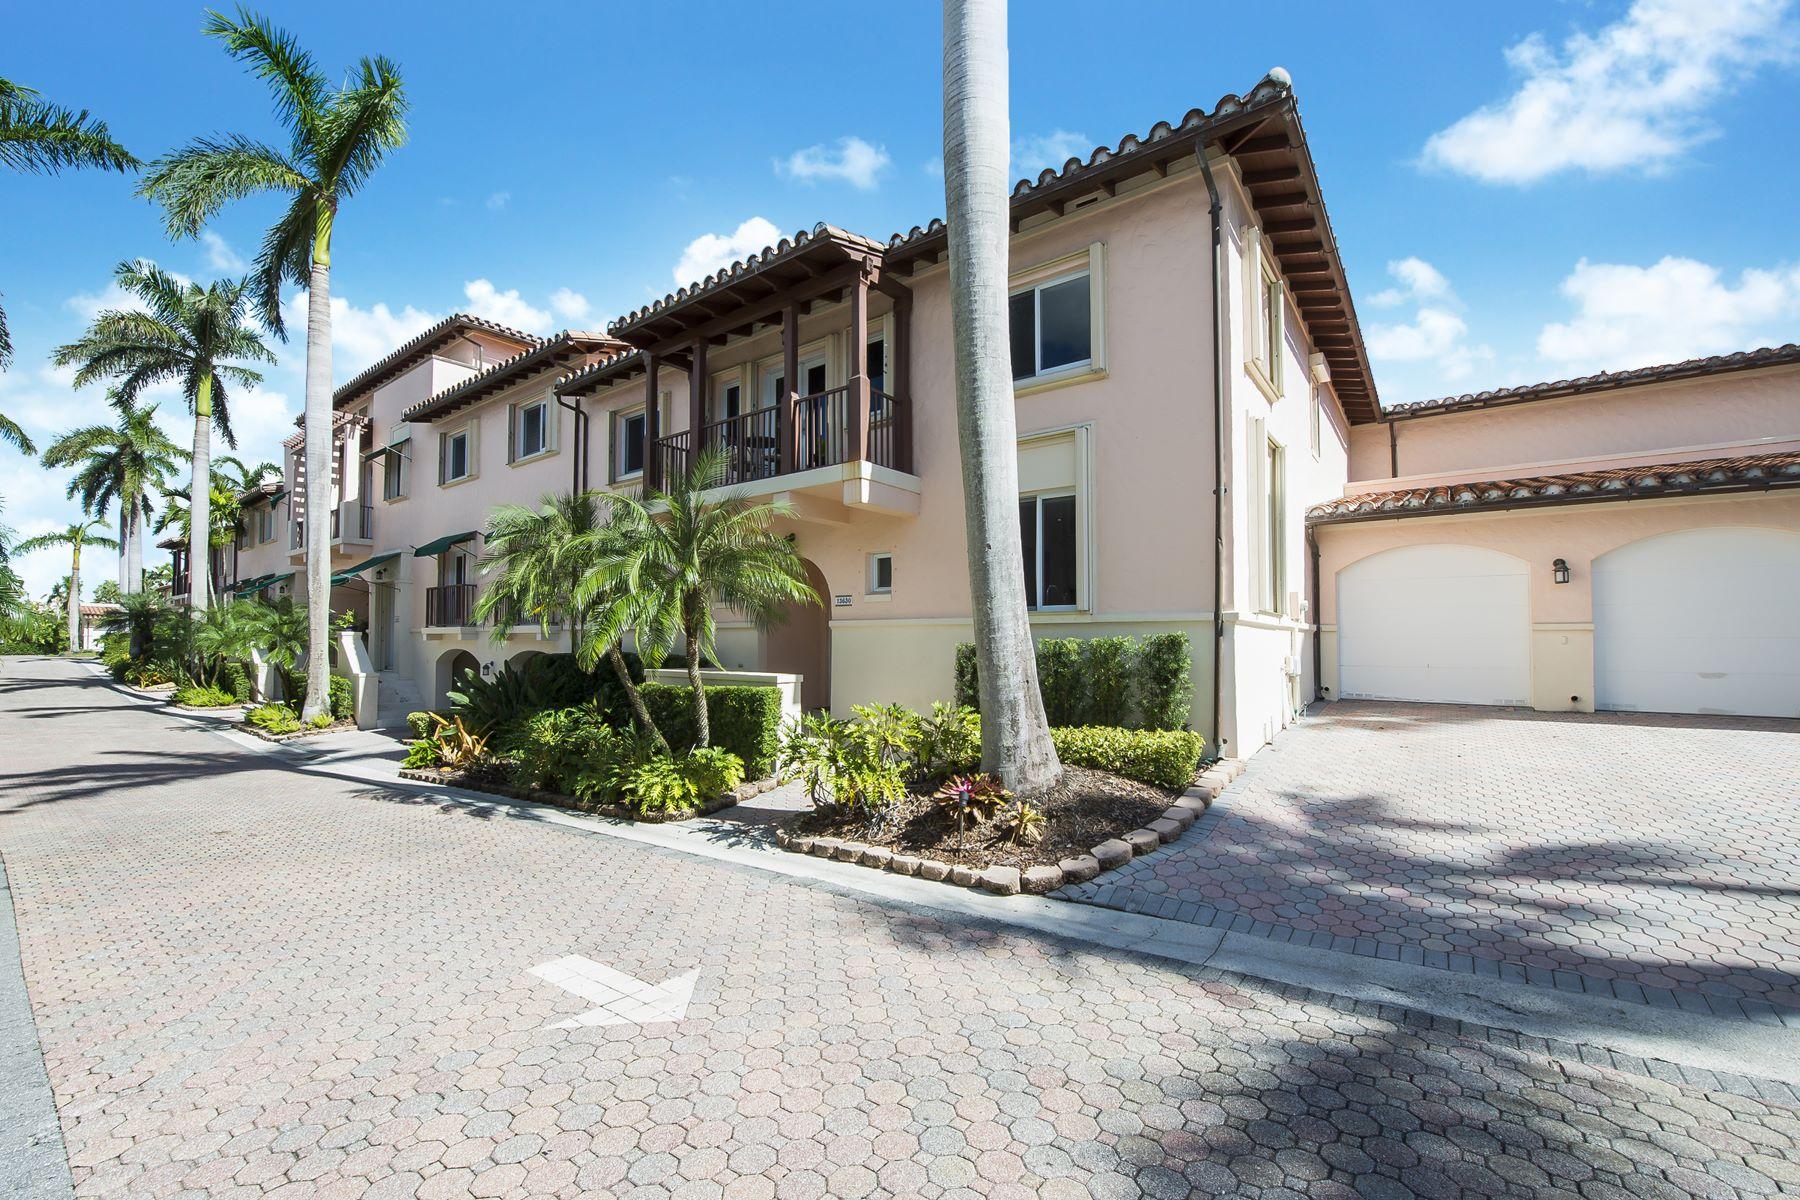 联栋屋 为 出租 在 13630 Deering Bay Dr 13630 Deering Bay Dr 科勒尔盖布尔斯, 佛罗里达州 33158 美国